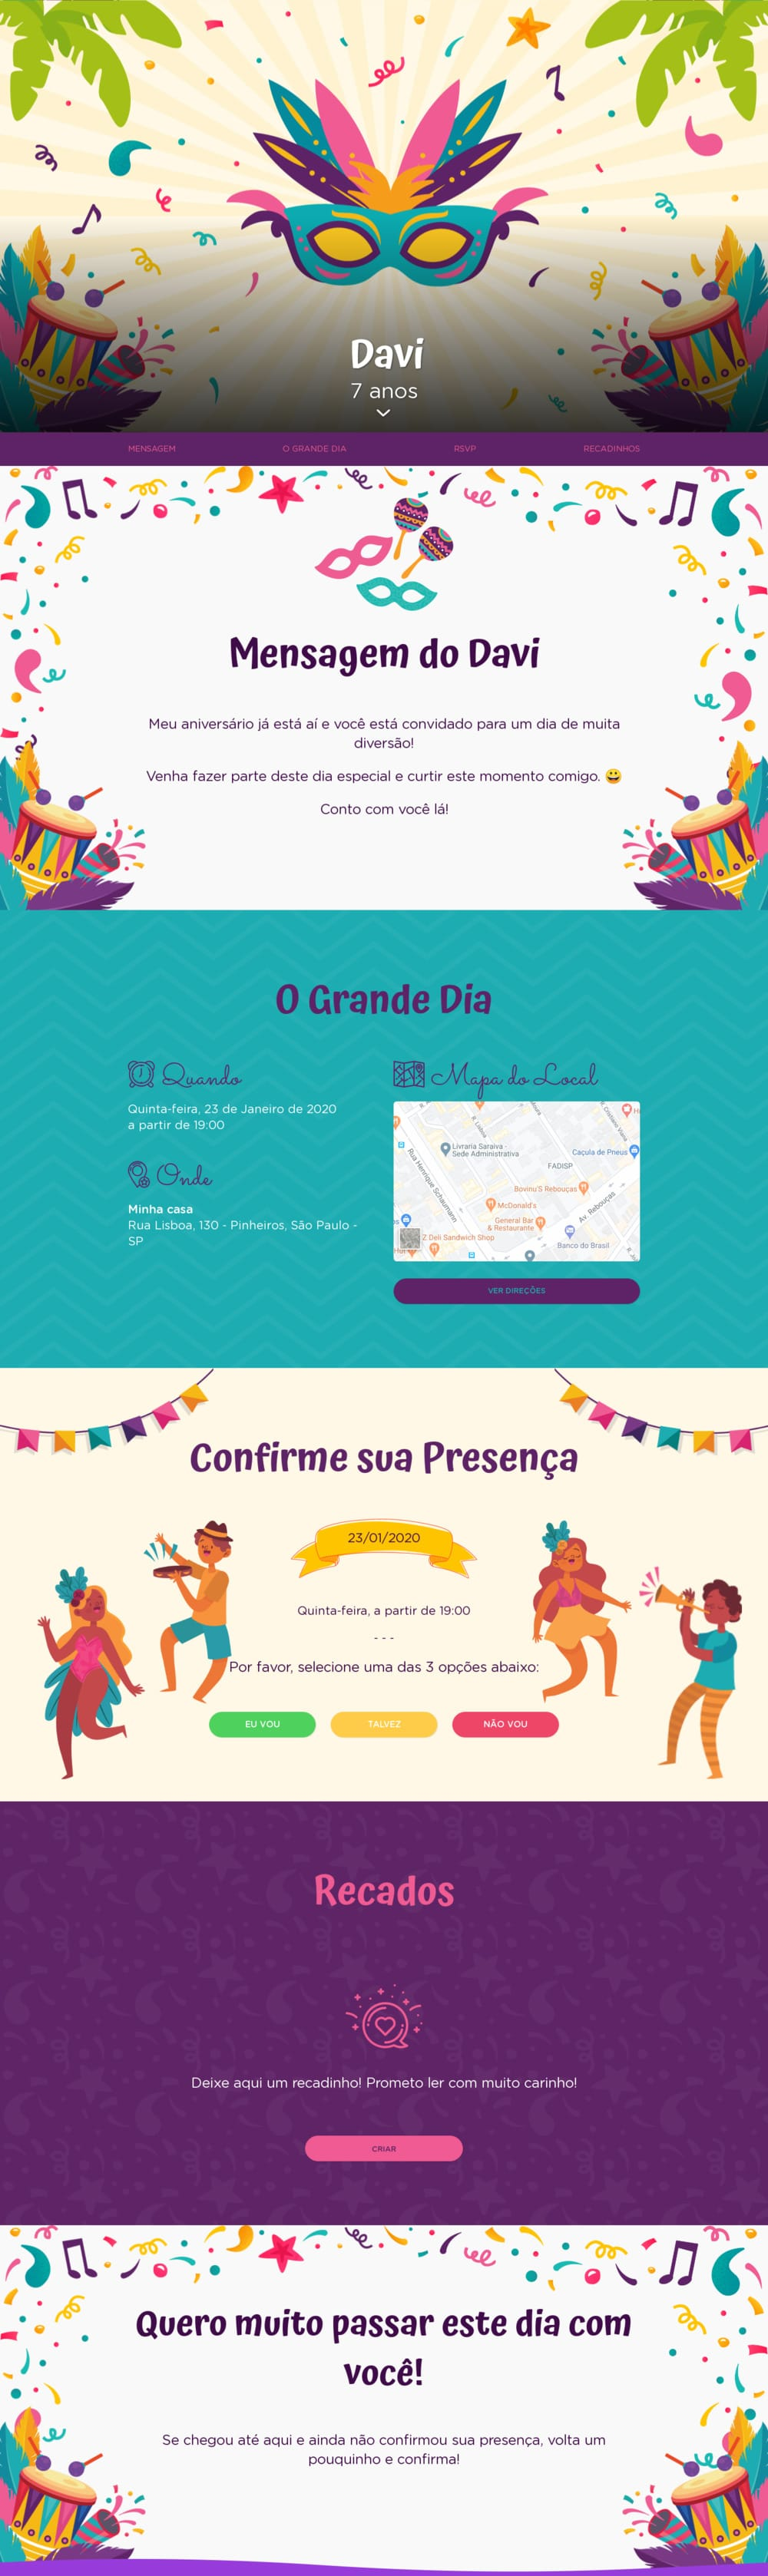 Vibe de Aniversario - Carnaval